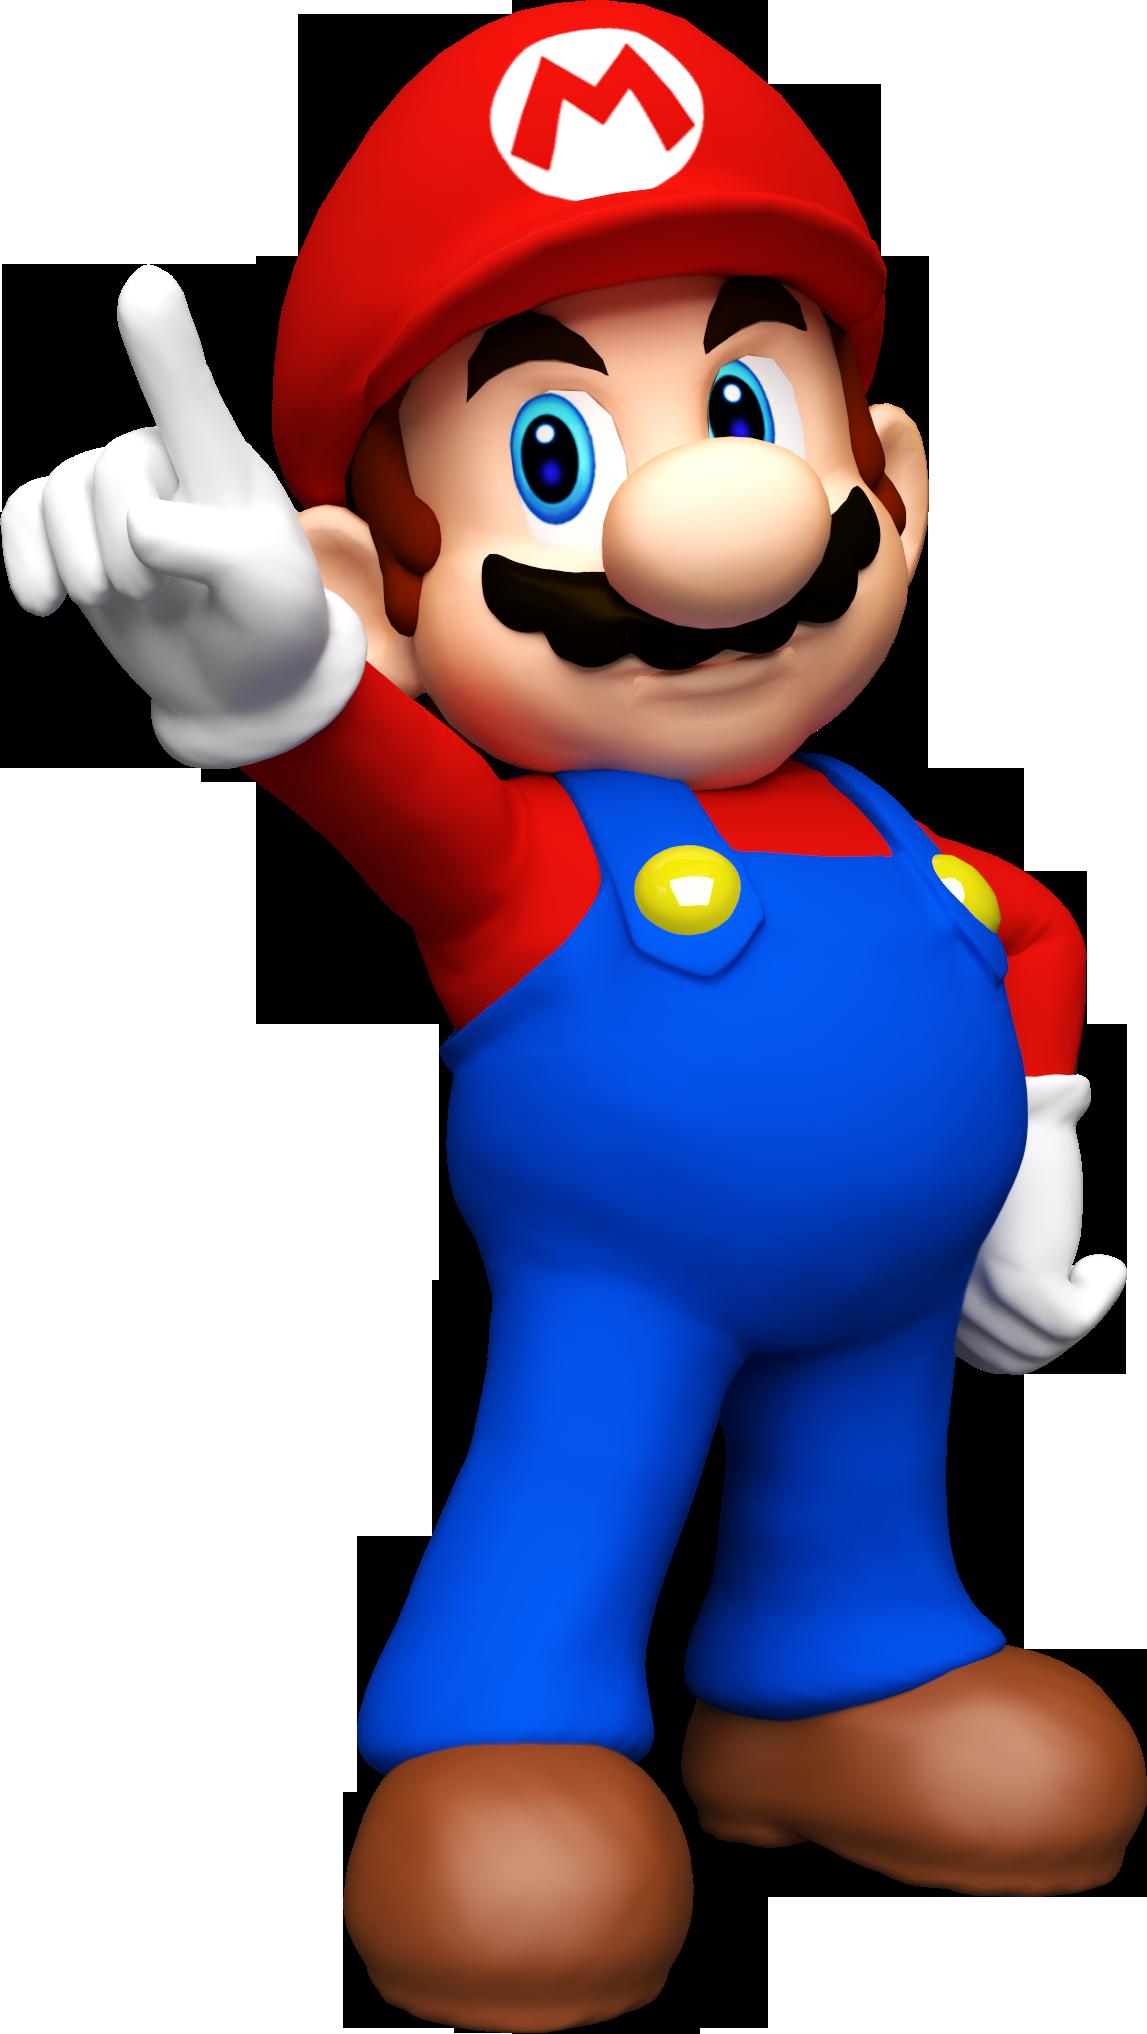 Super Mario PNG Transparent Super Mario.PNG Images..